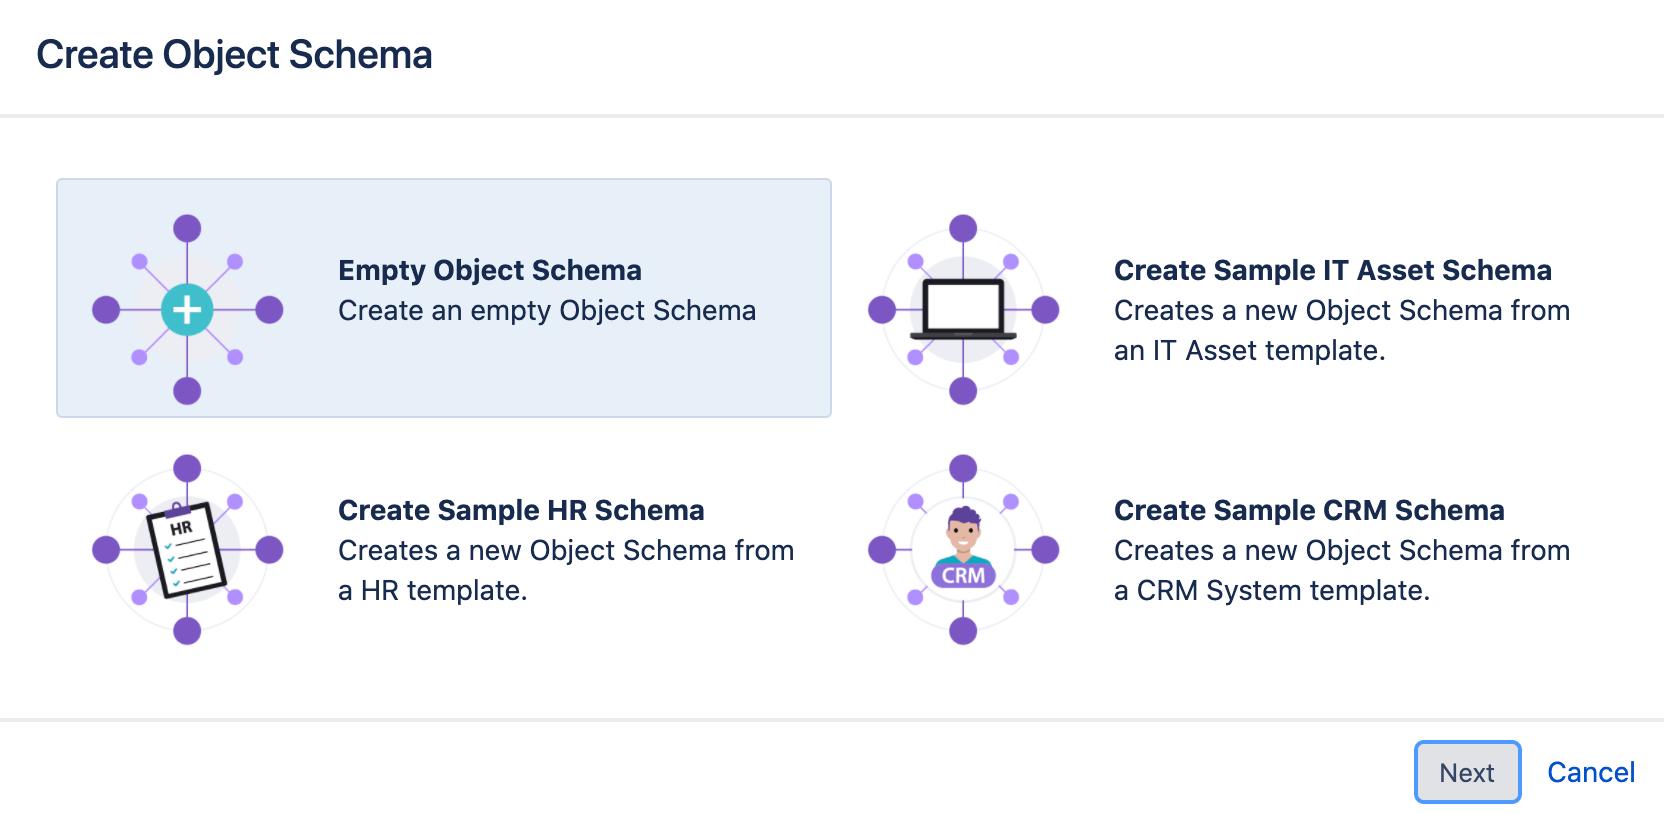 Formulario de creación de un esquema de objetos con las opciones de esquema vacío, esquema de activos de TI, esquema de RR.HH. y esquema de CRM.